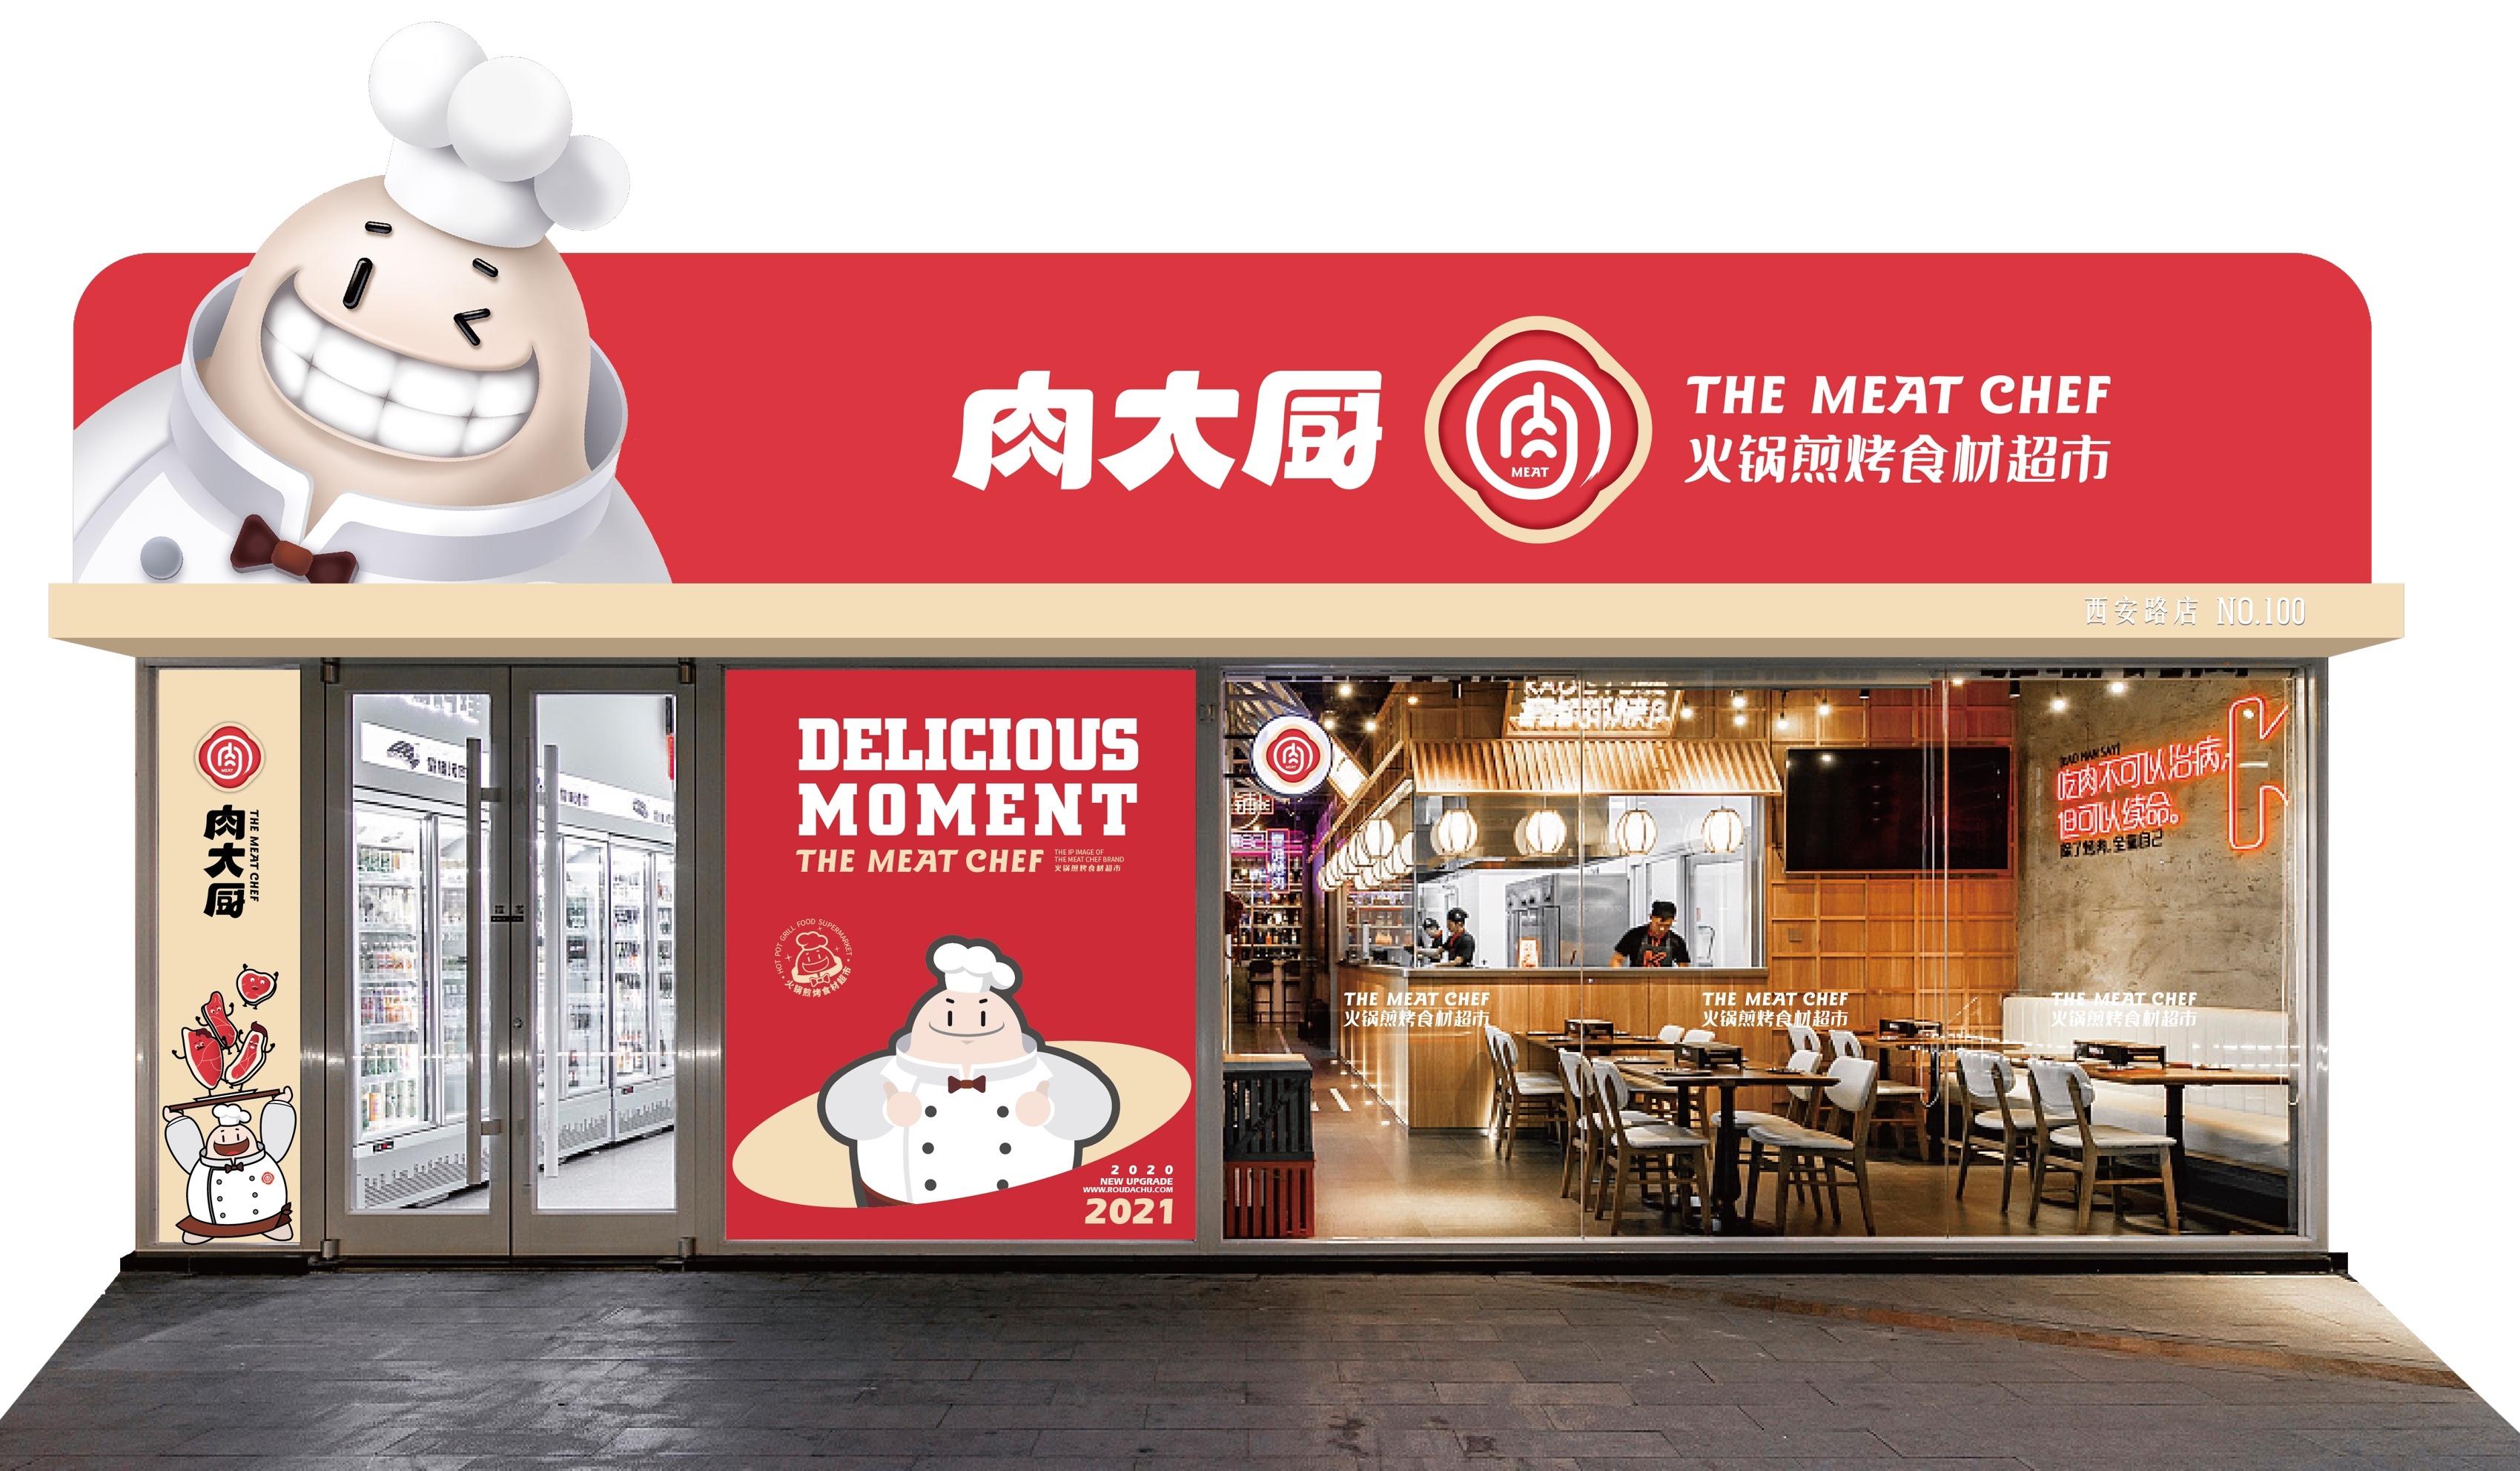 肉大厨火锅煎烤食材超市